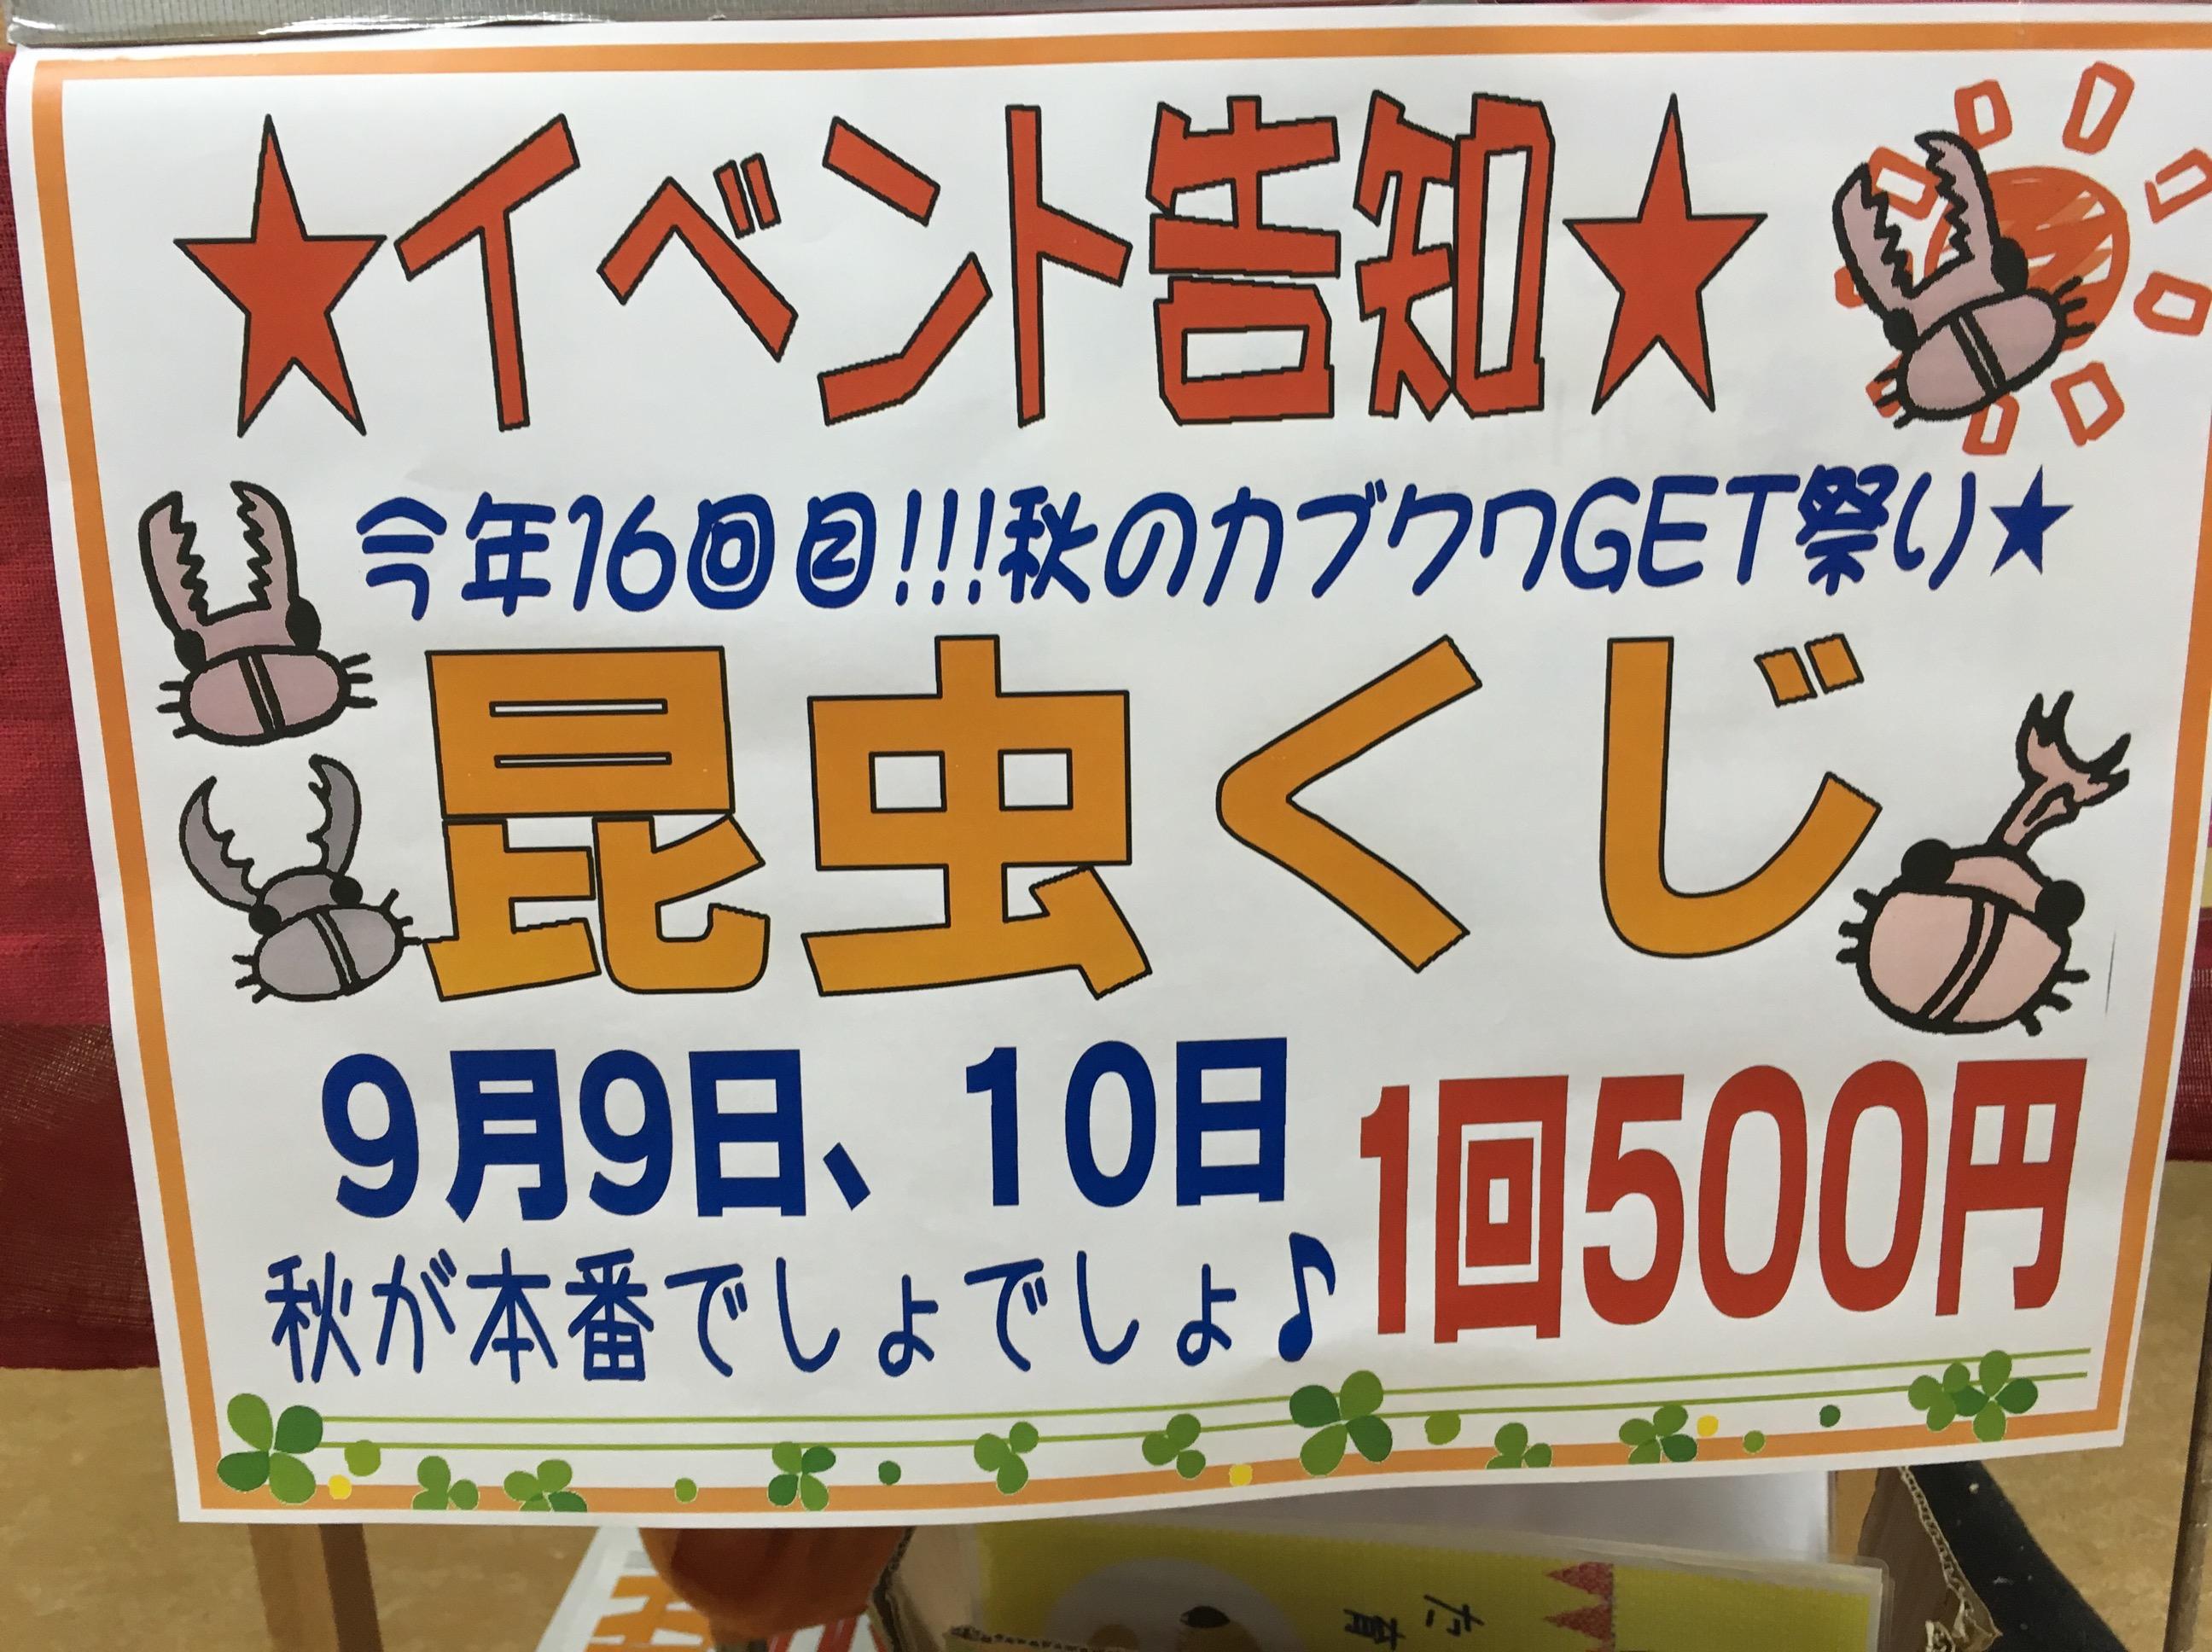 9月9.10日アツアツ昆虫クジ( `ー´)ノ@インター小動物